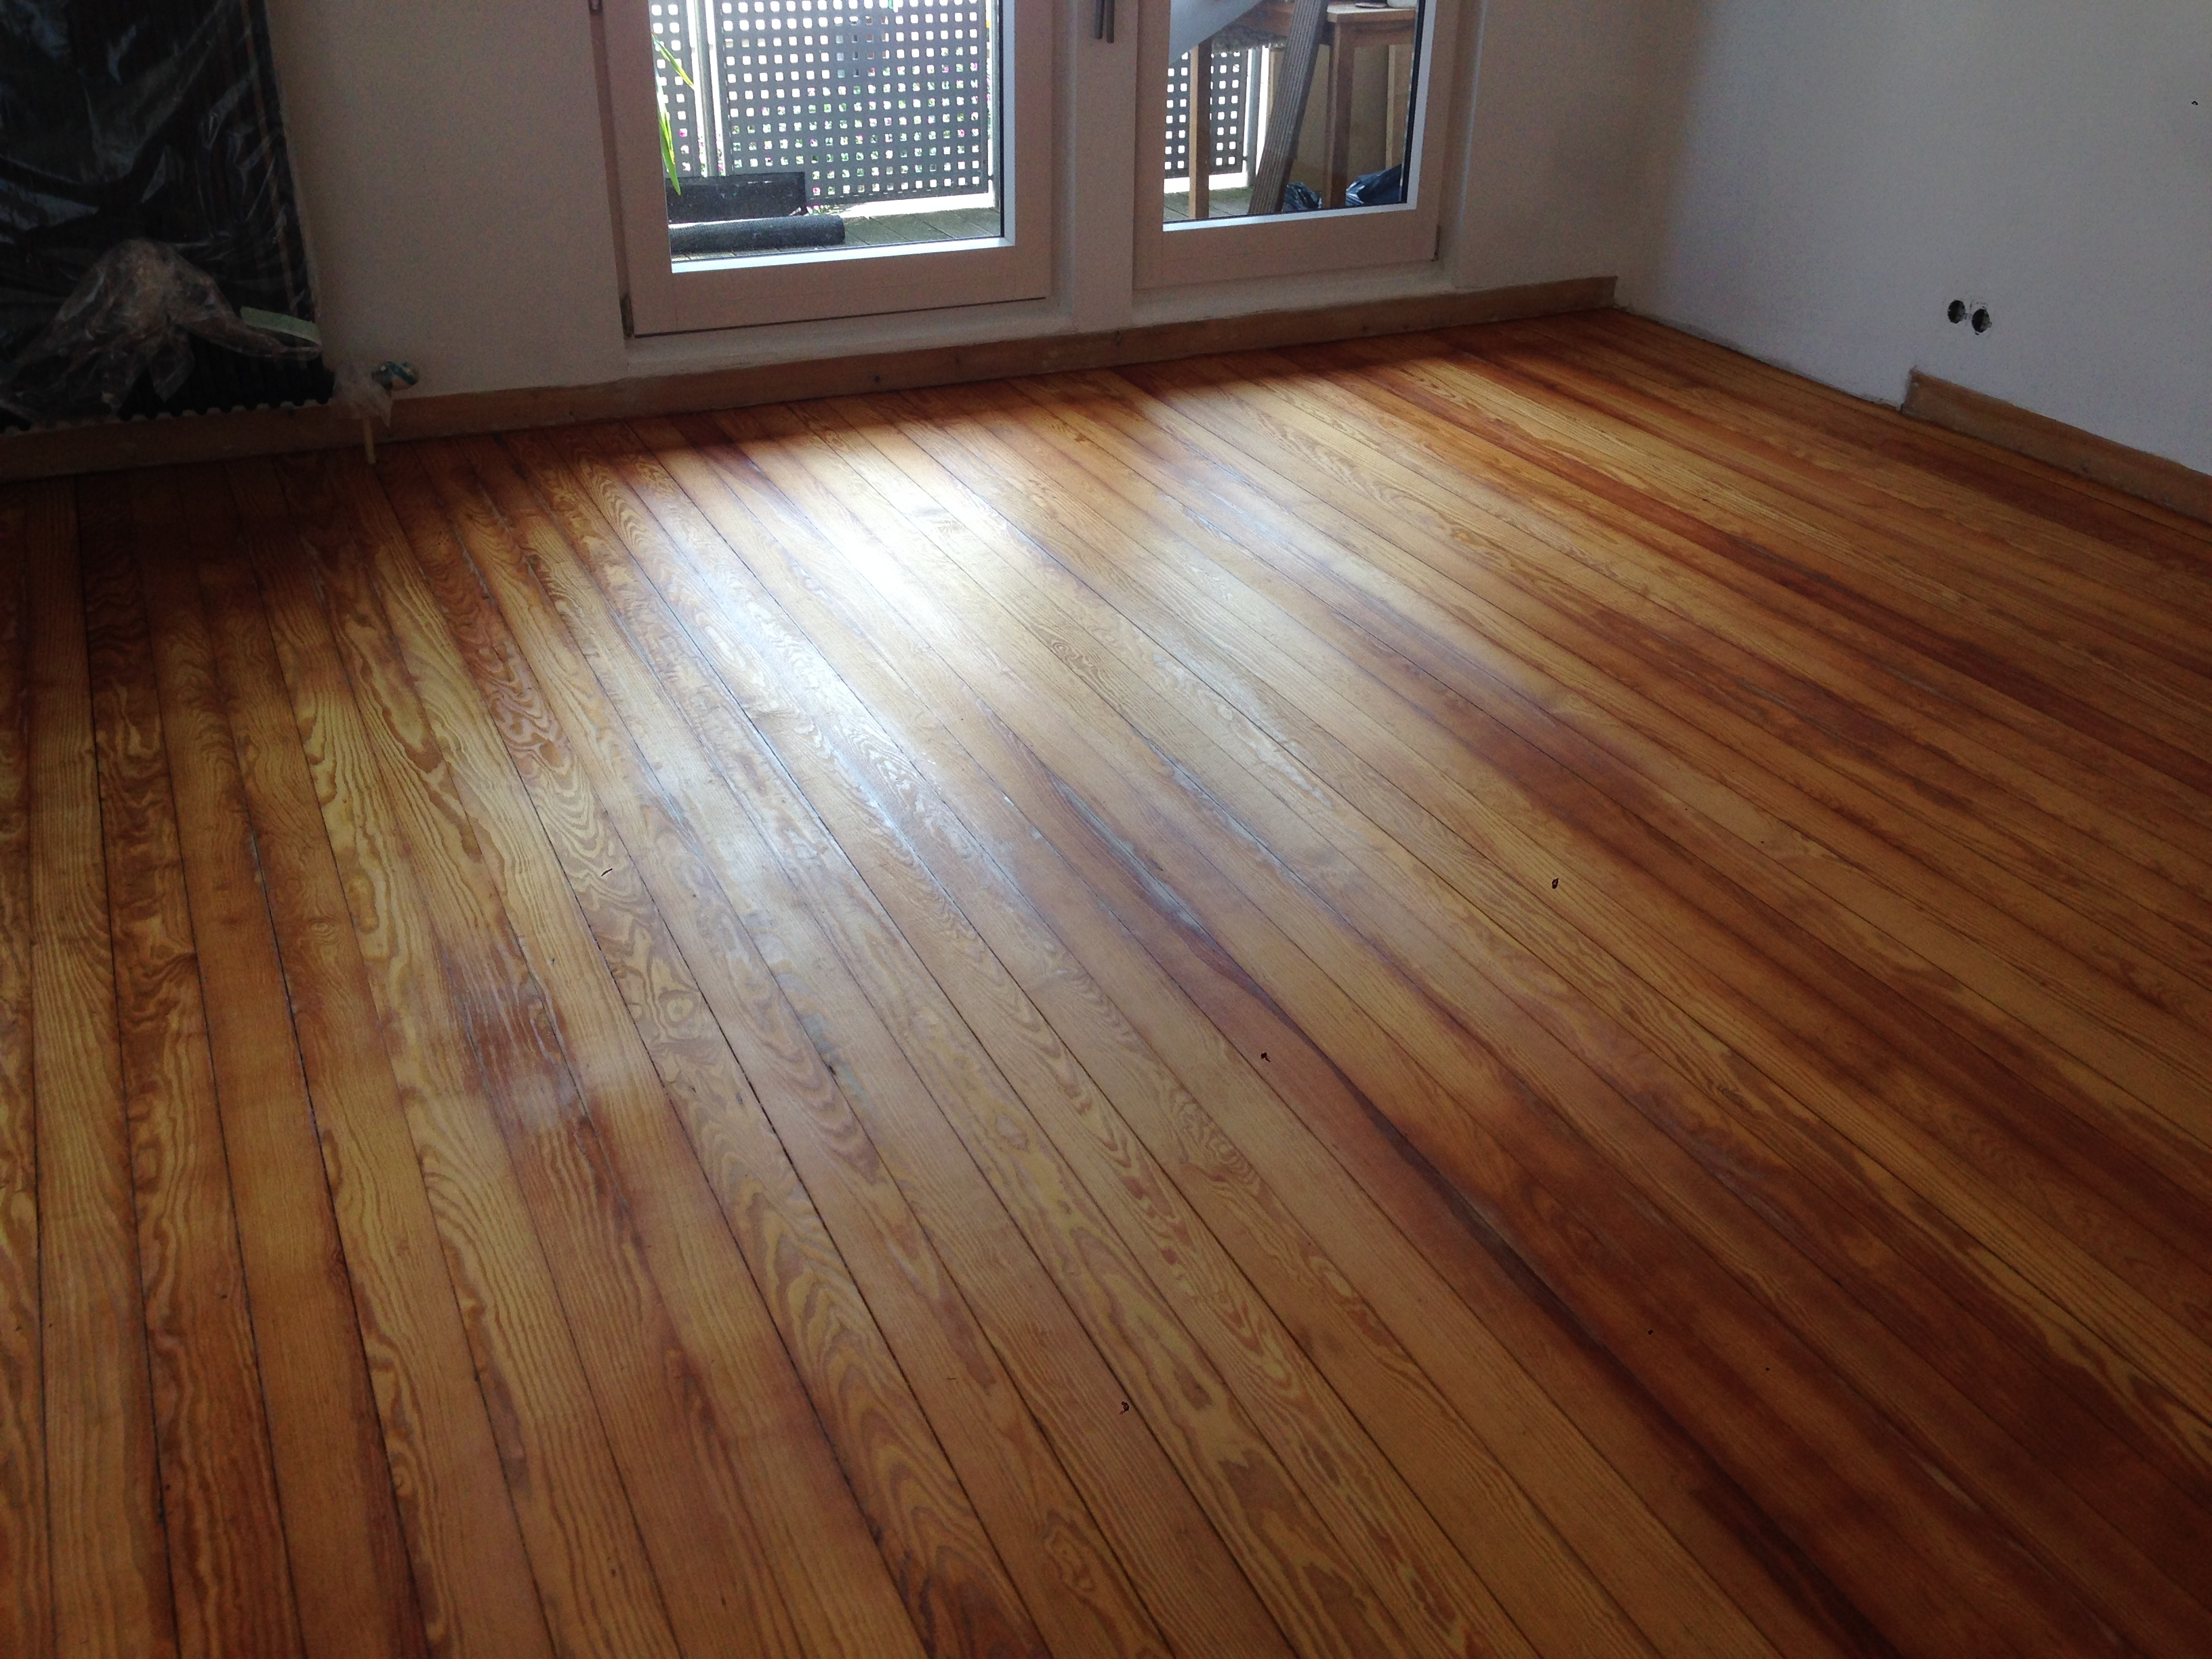 pitch pine dielenboden geschliffen & geölt - dima parkett